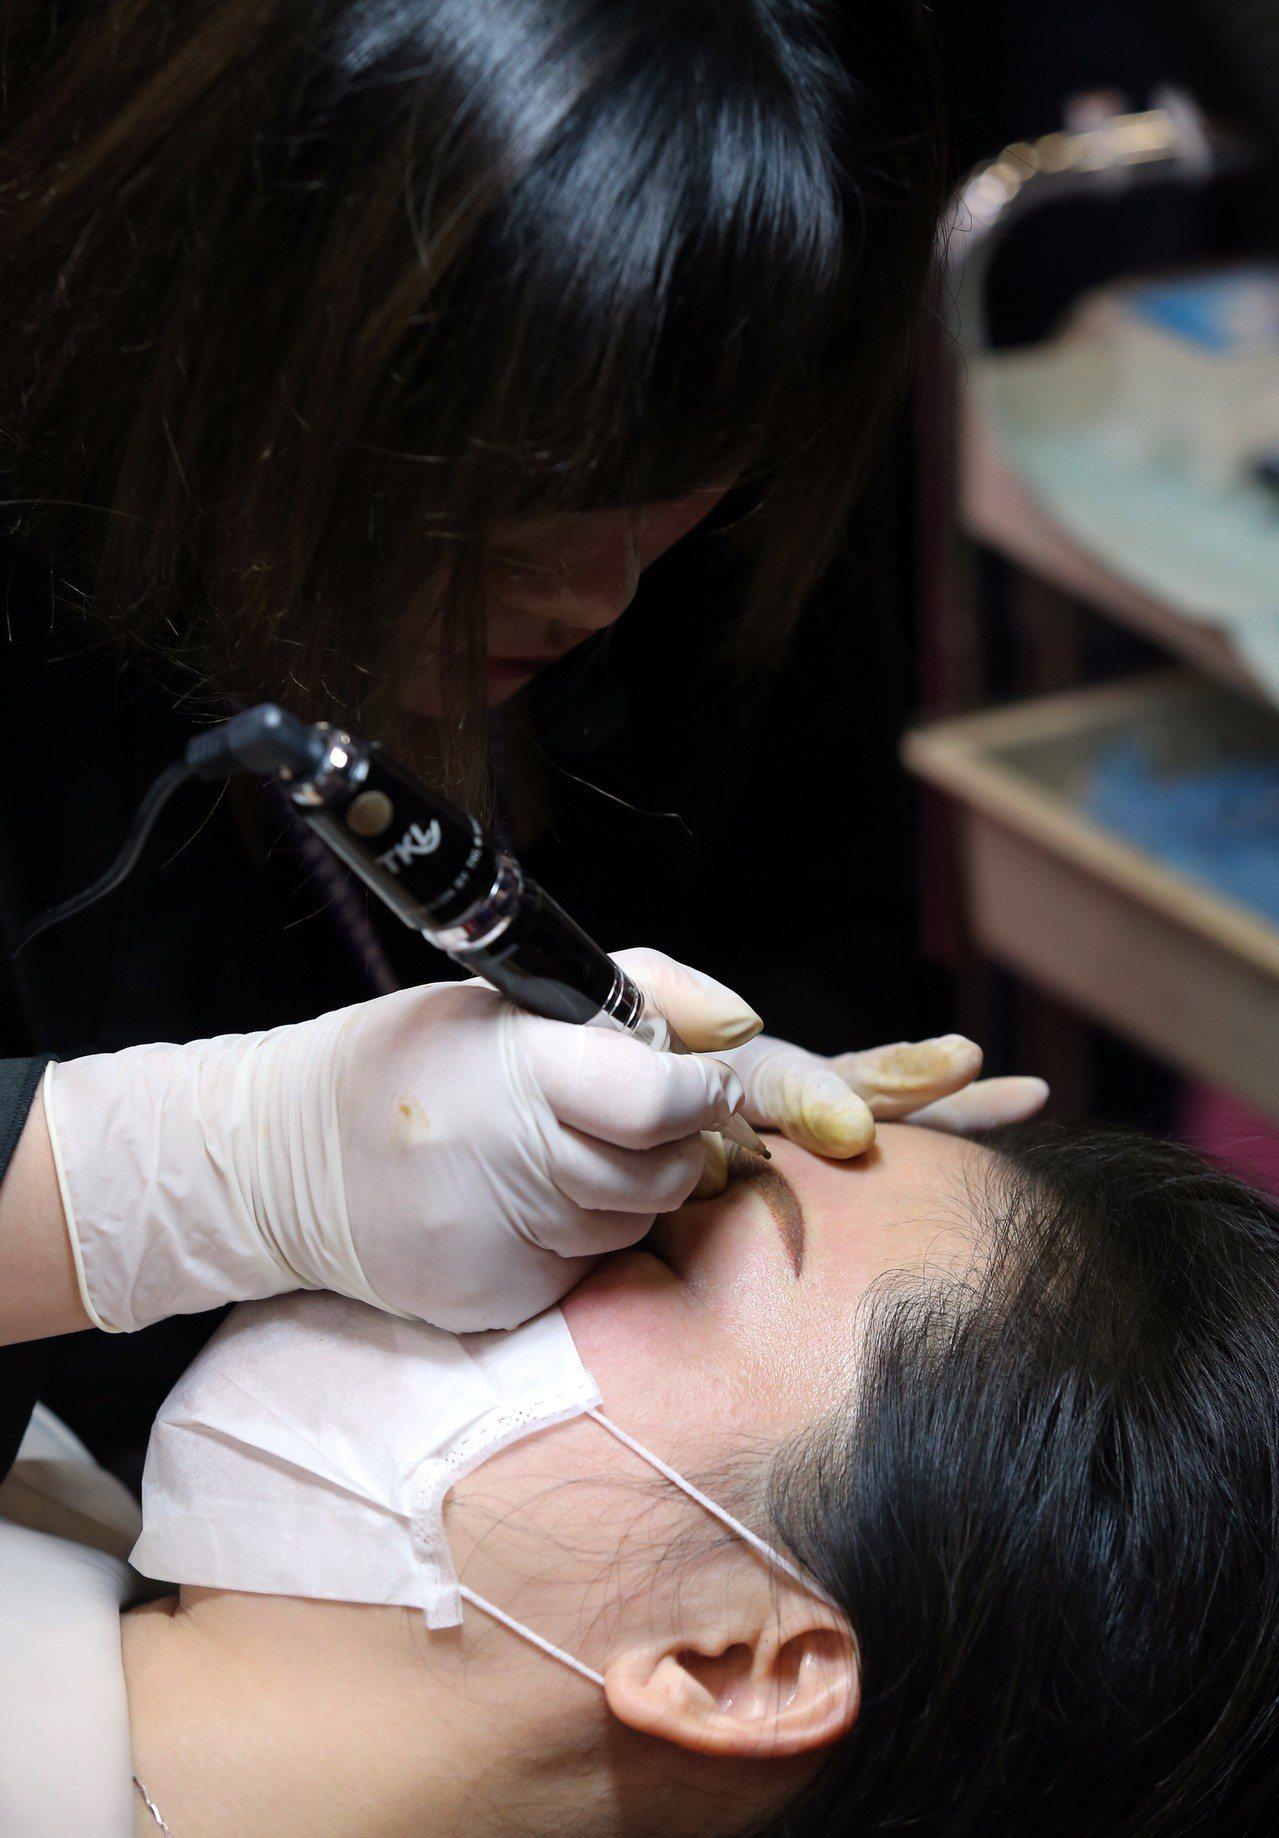 現場紋繡是本屆國際美容化妝品展的熱門項目。記者徐兆玄/攝影